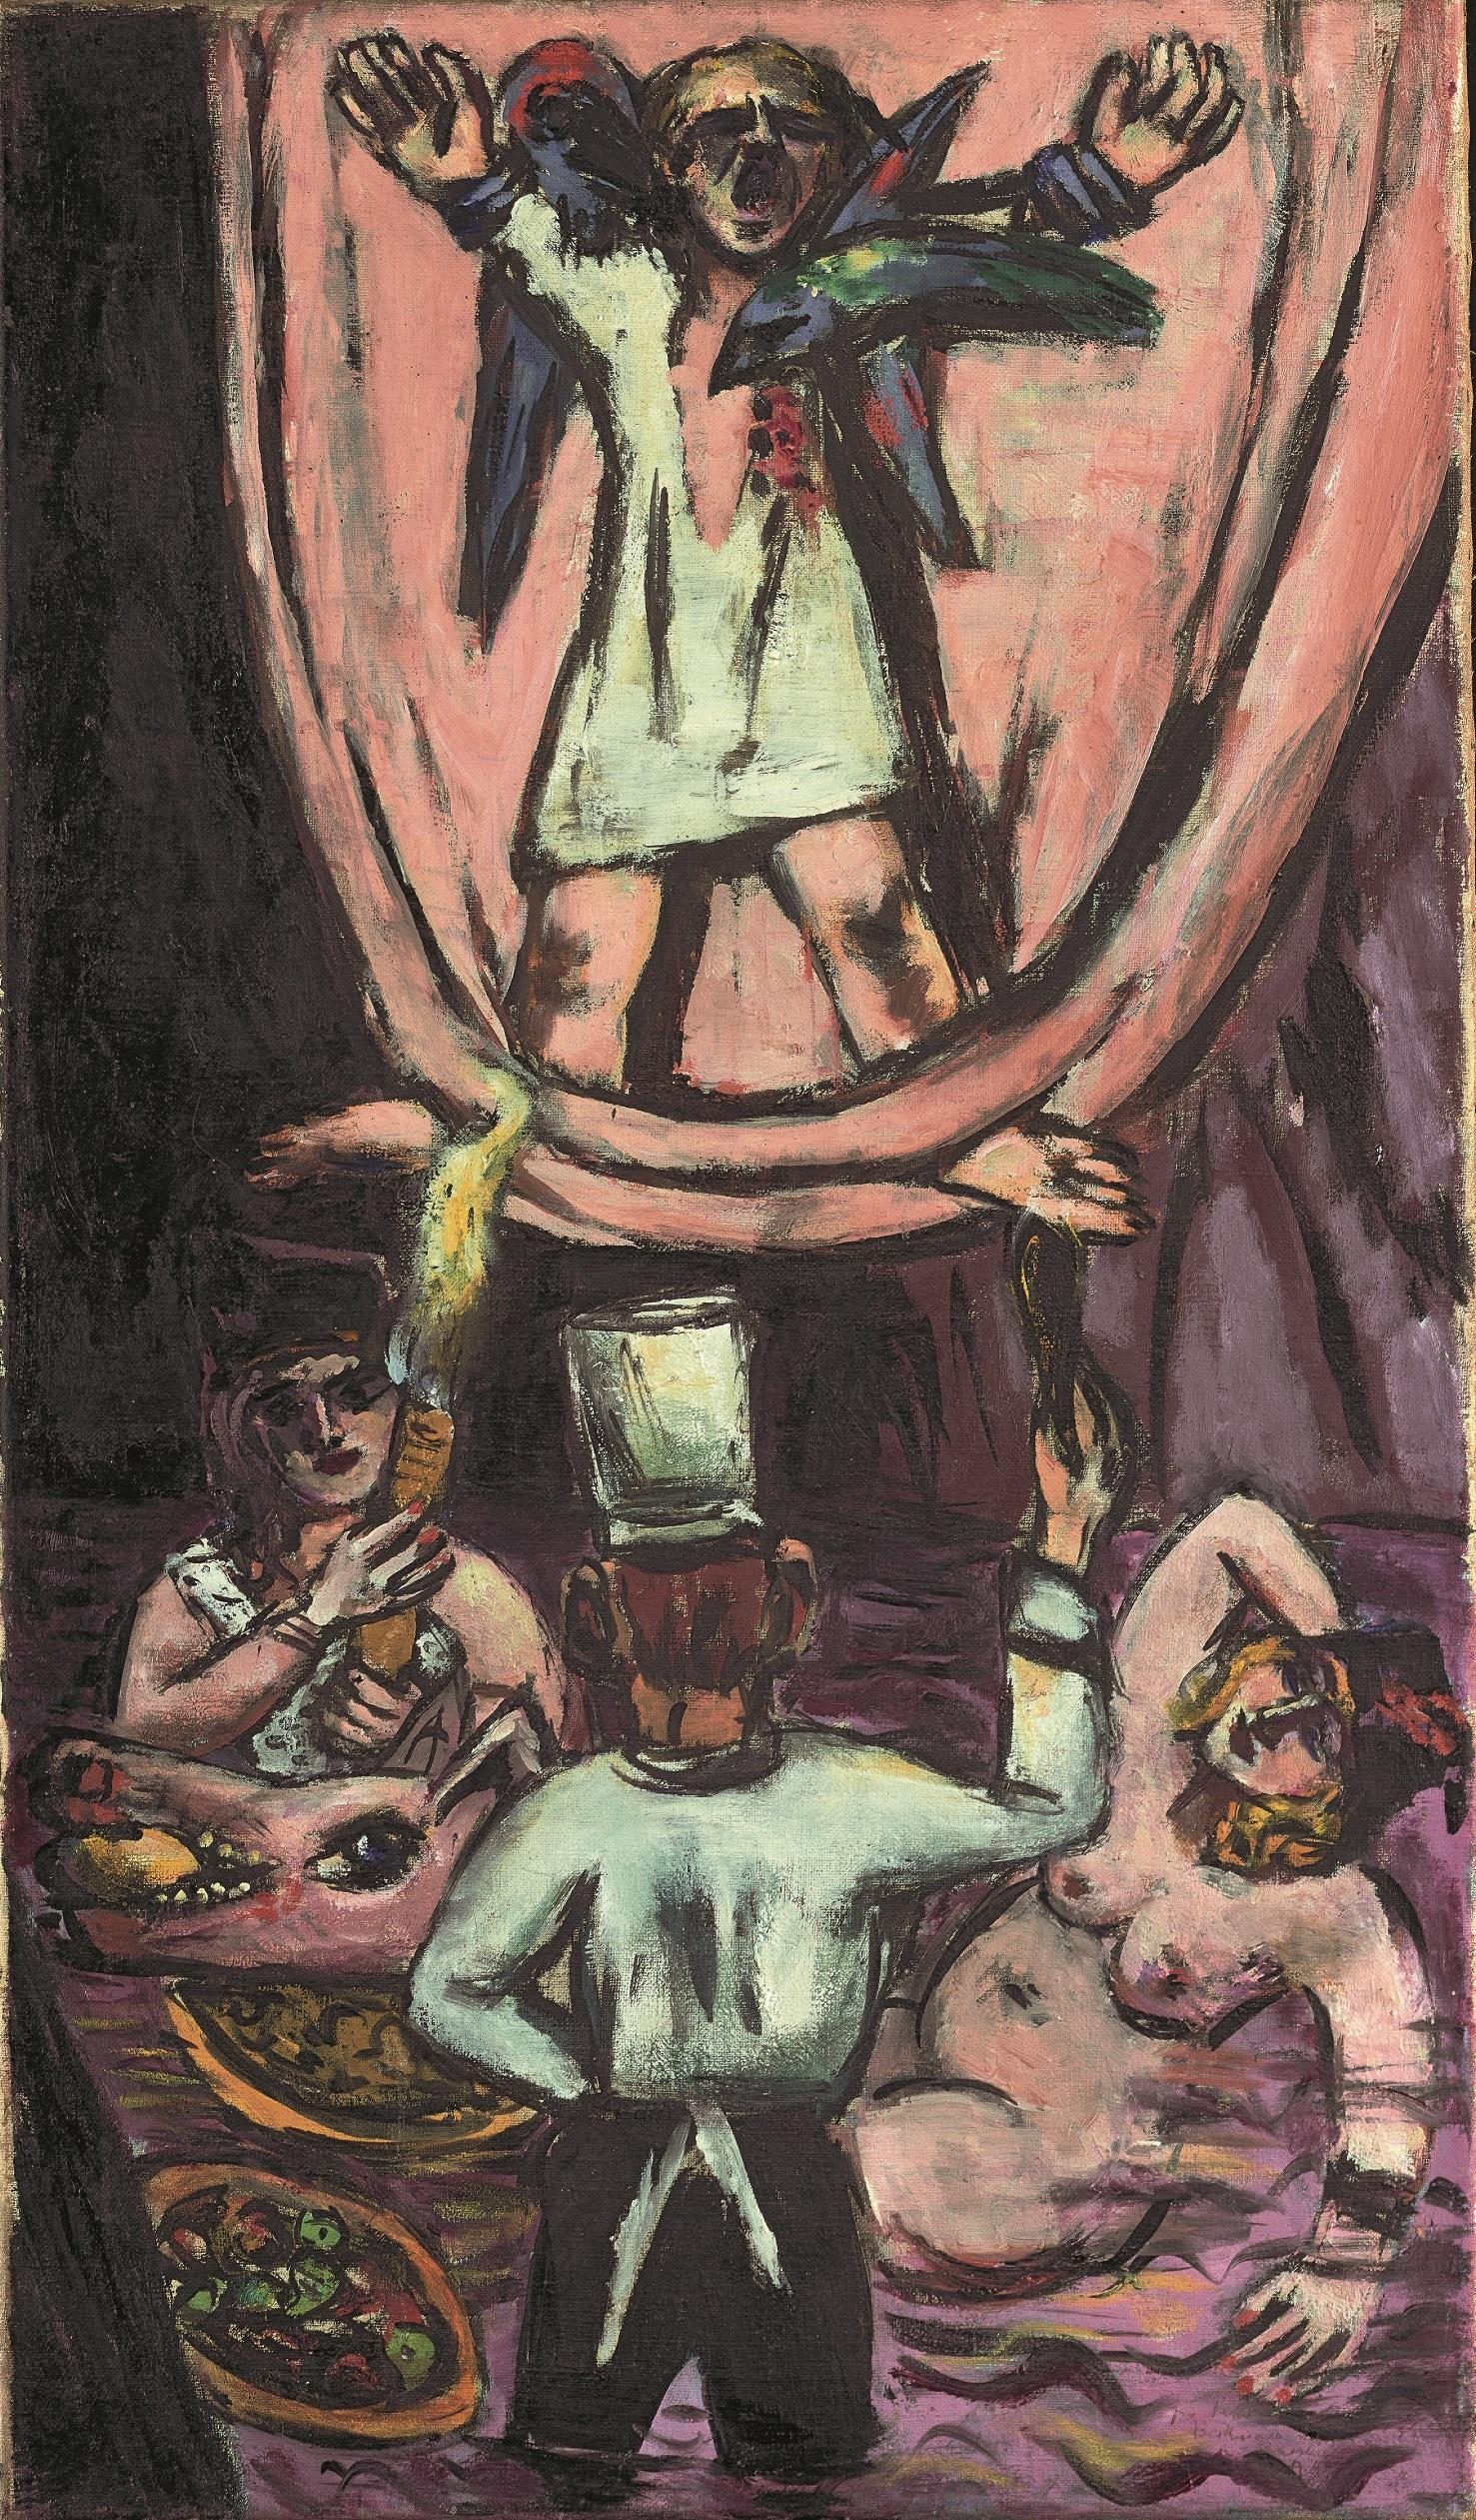 """Max Beckman Prometheus (Der Hängengebliebene)"""", 1942, Öl auf Leinwand, 95 × 55,5 cm, Hamburger Kunsthalle, Dauerleihgabe Nachlass Peter und Maja Beckmann. Restauriert mit Mitteln der Hermann Reemtsma Stiftung, 2015,  © VG Bild-Kunst, Bonn 2020"""